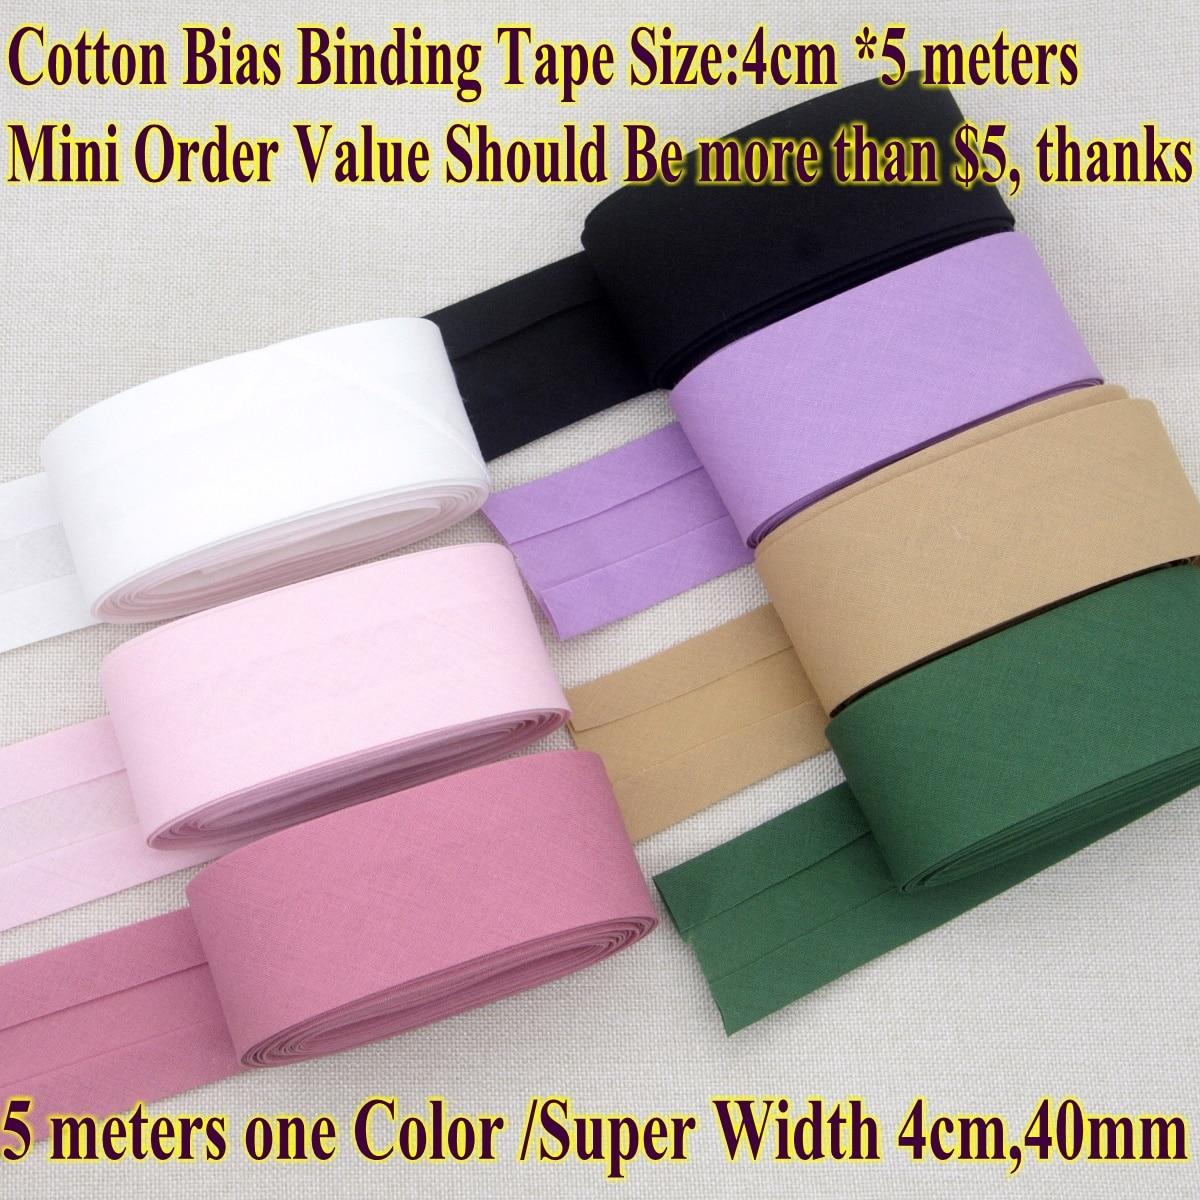 Хлопковая лента для обвязки, размер 4 см, 40 мм, 5 метров, Сверхширокая Складная лента, сделай сам, материал для шитья ручной работы, клейкая лен...